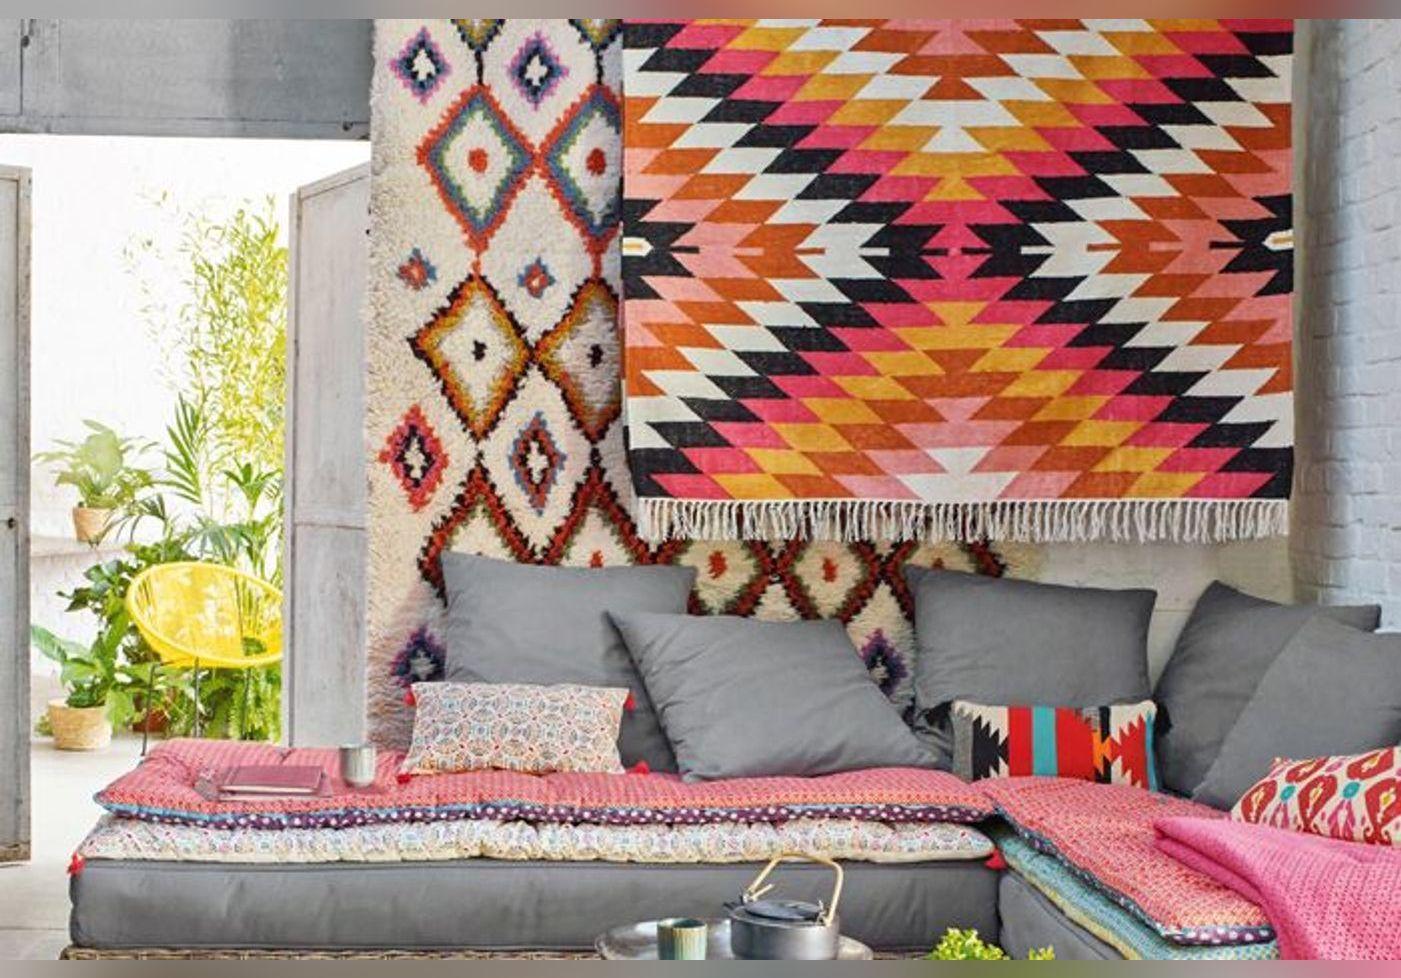 le tapis s invite sur nos murs